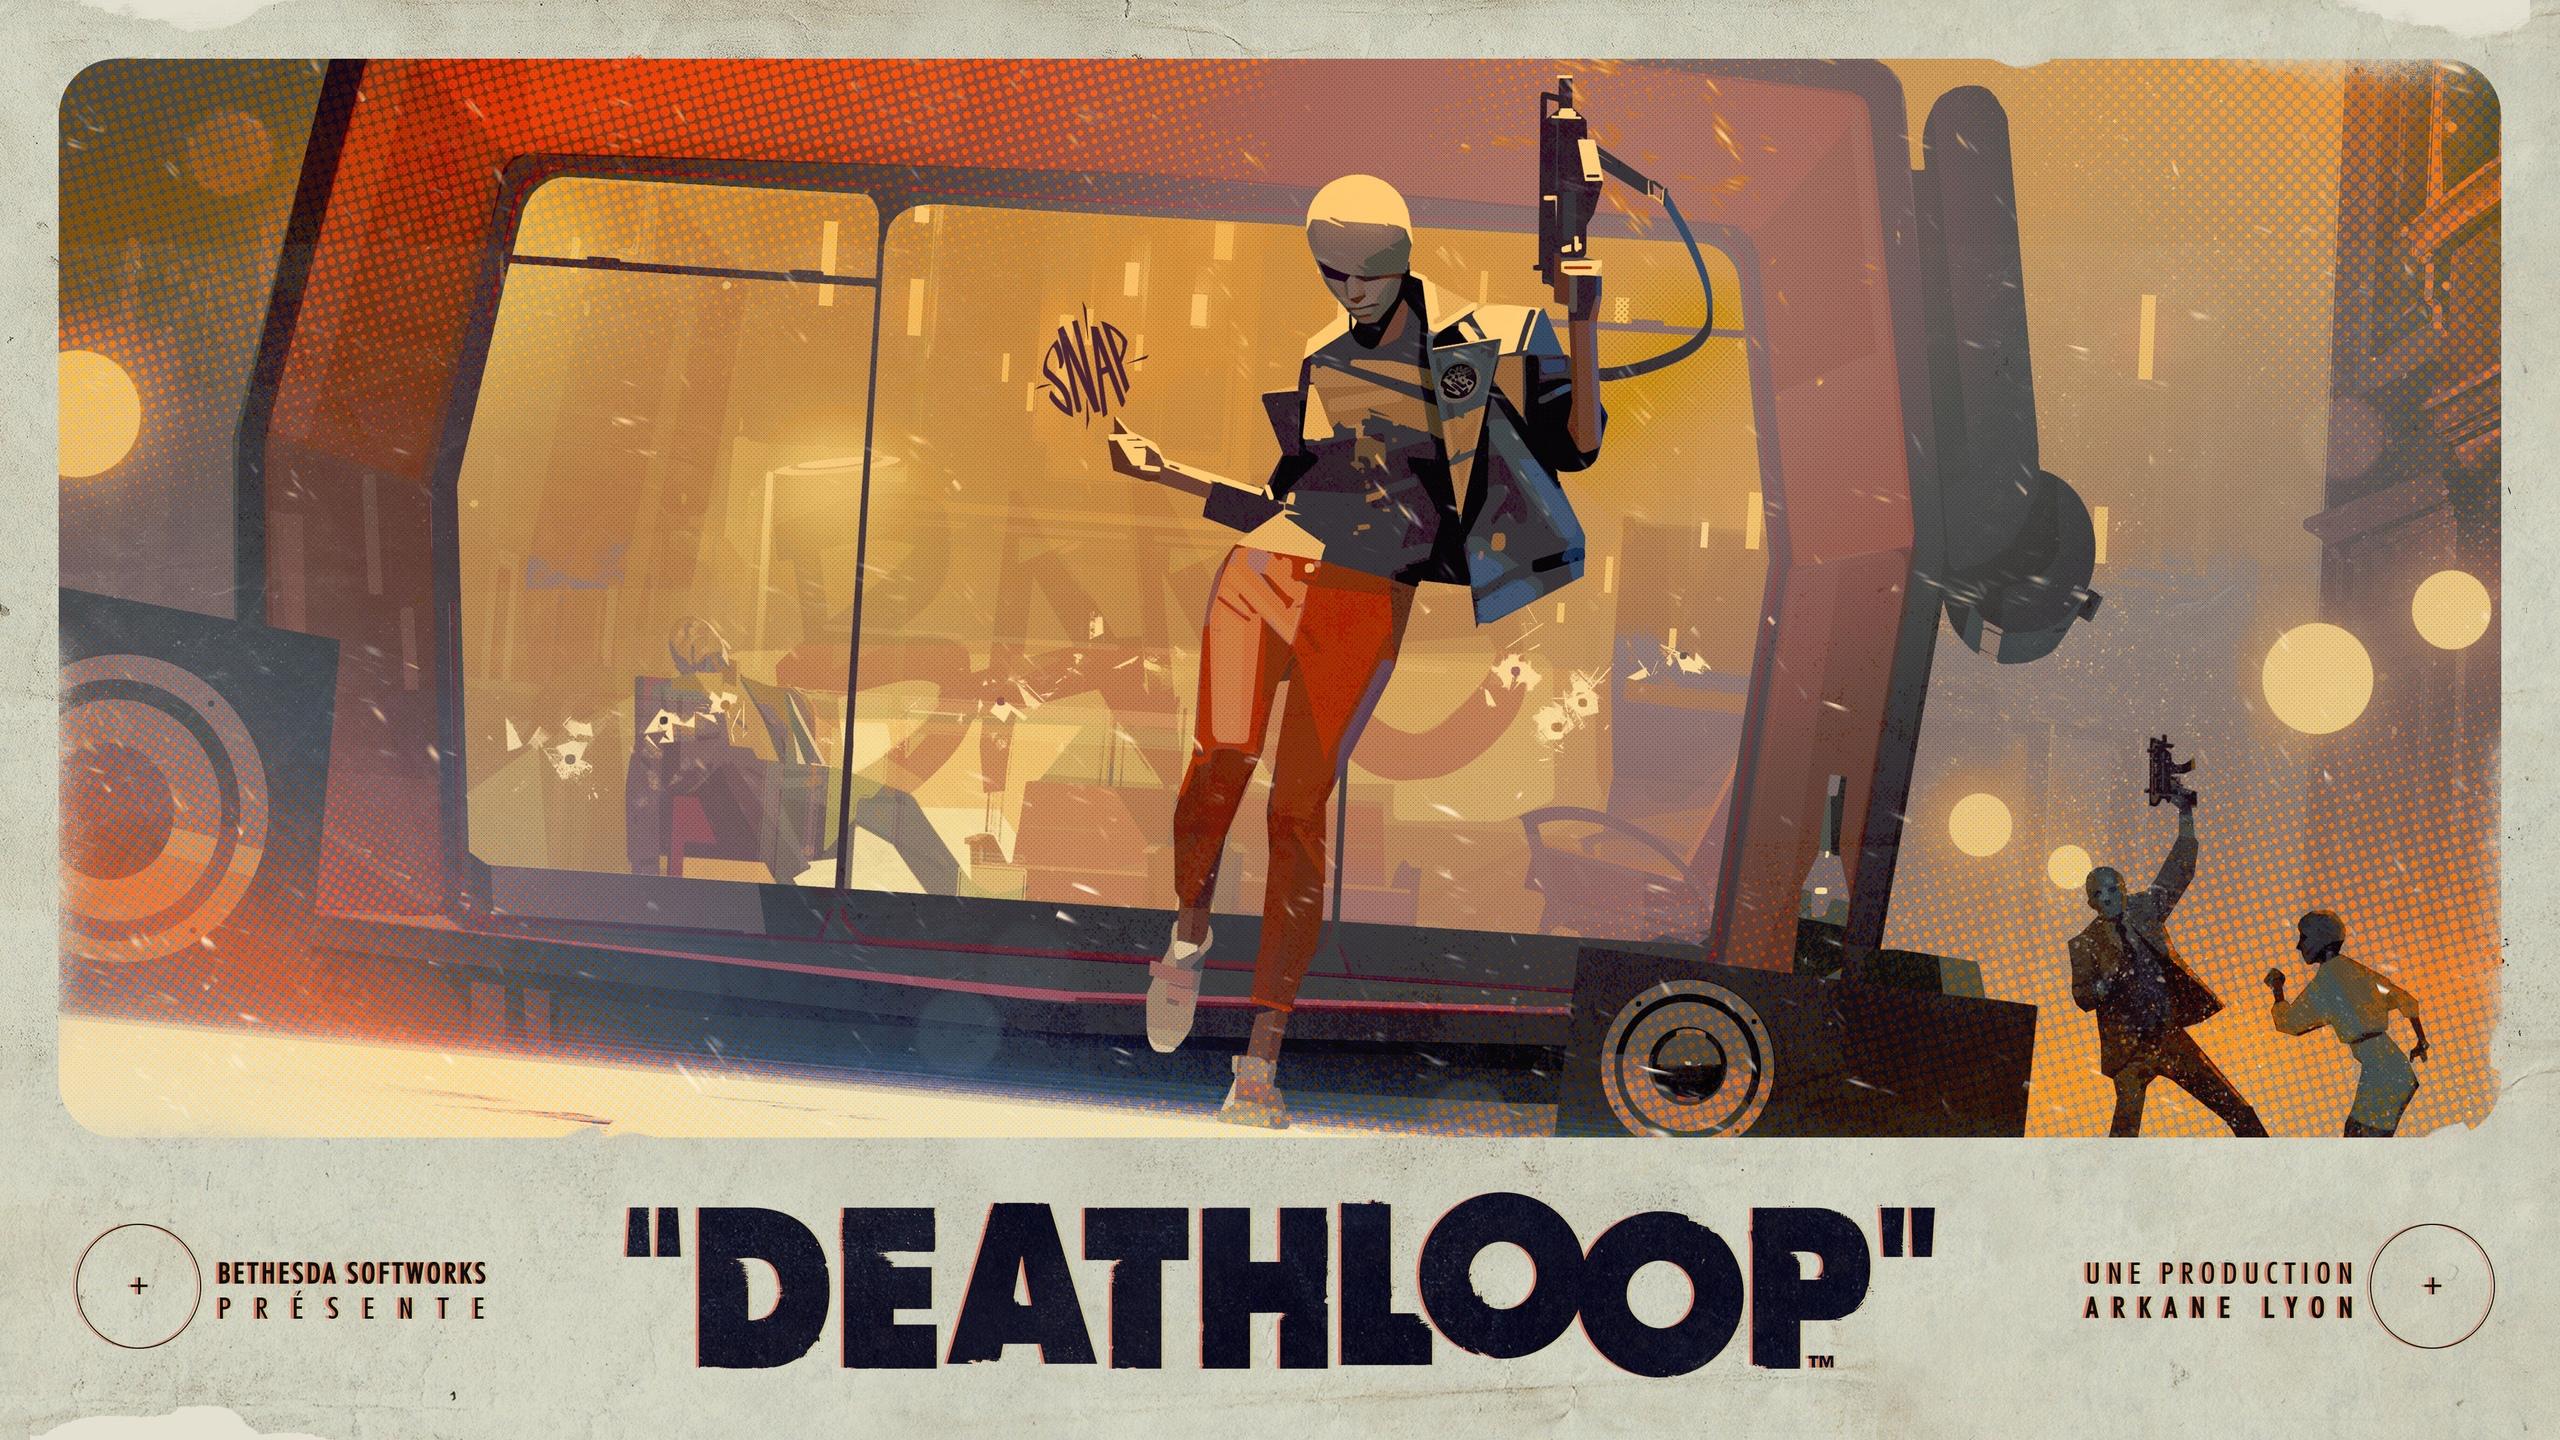 Deathloop - Концепт-арты новой игры от Arkane